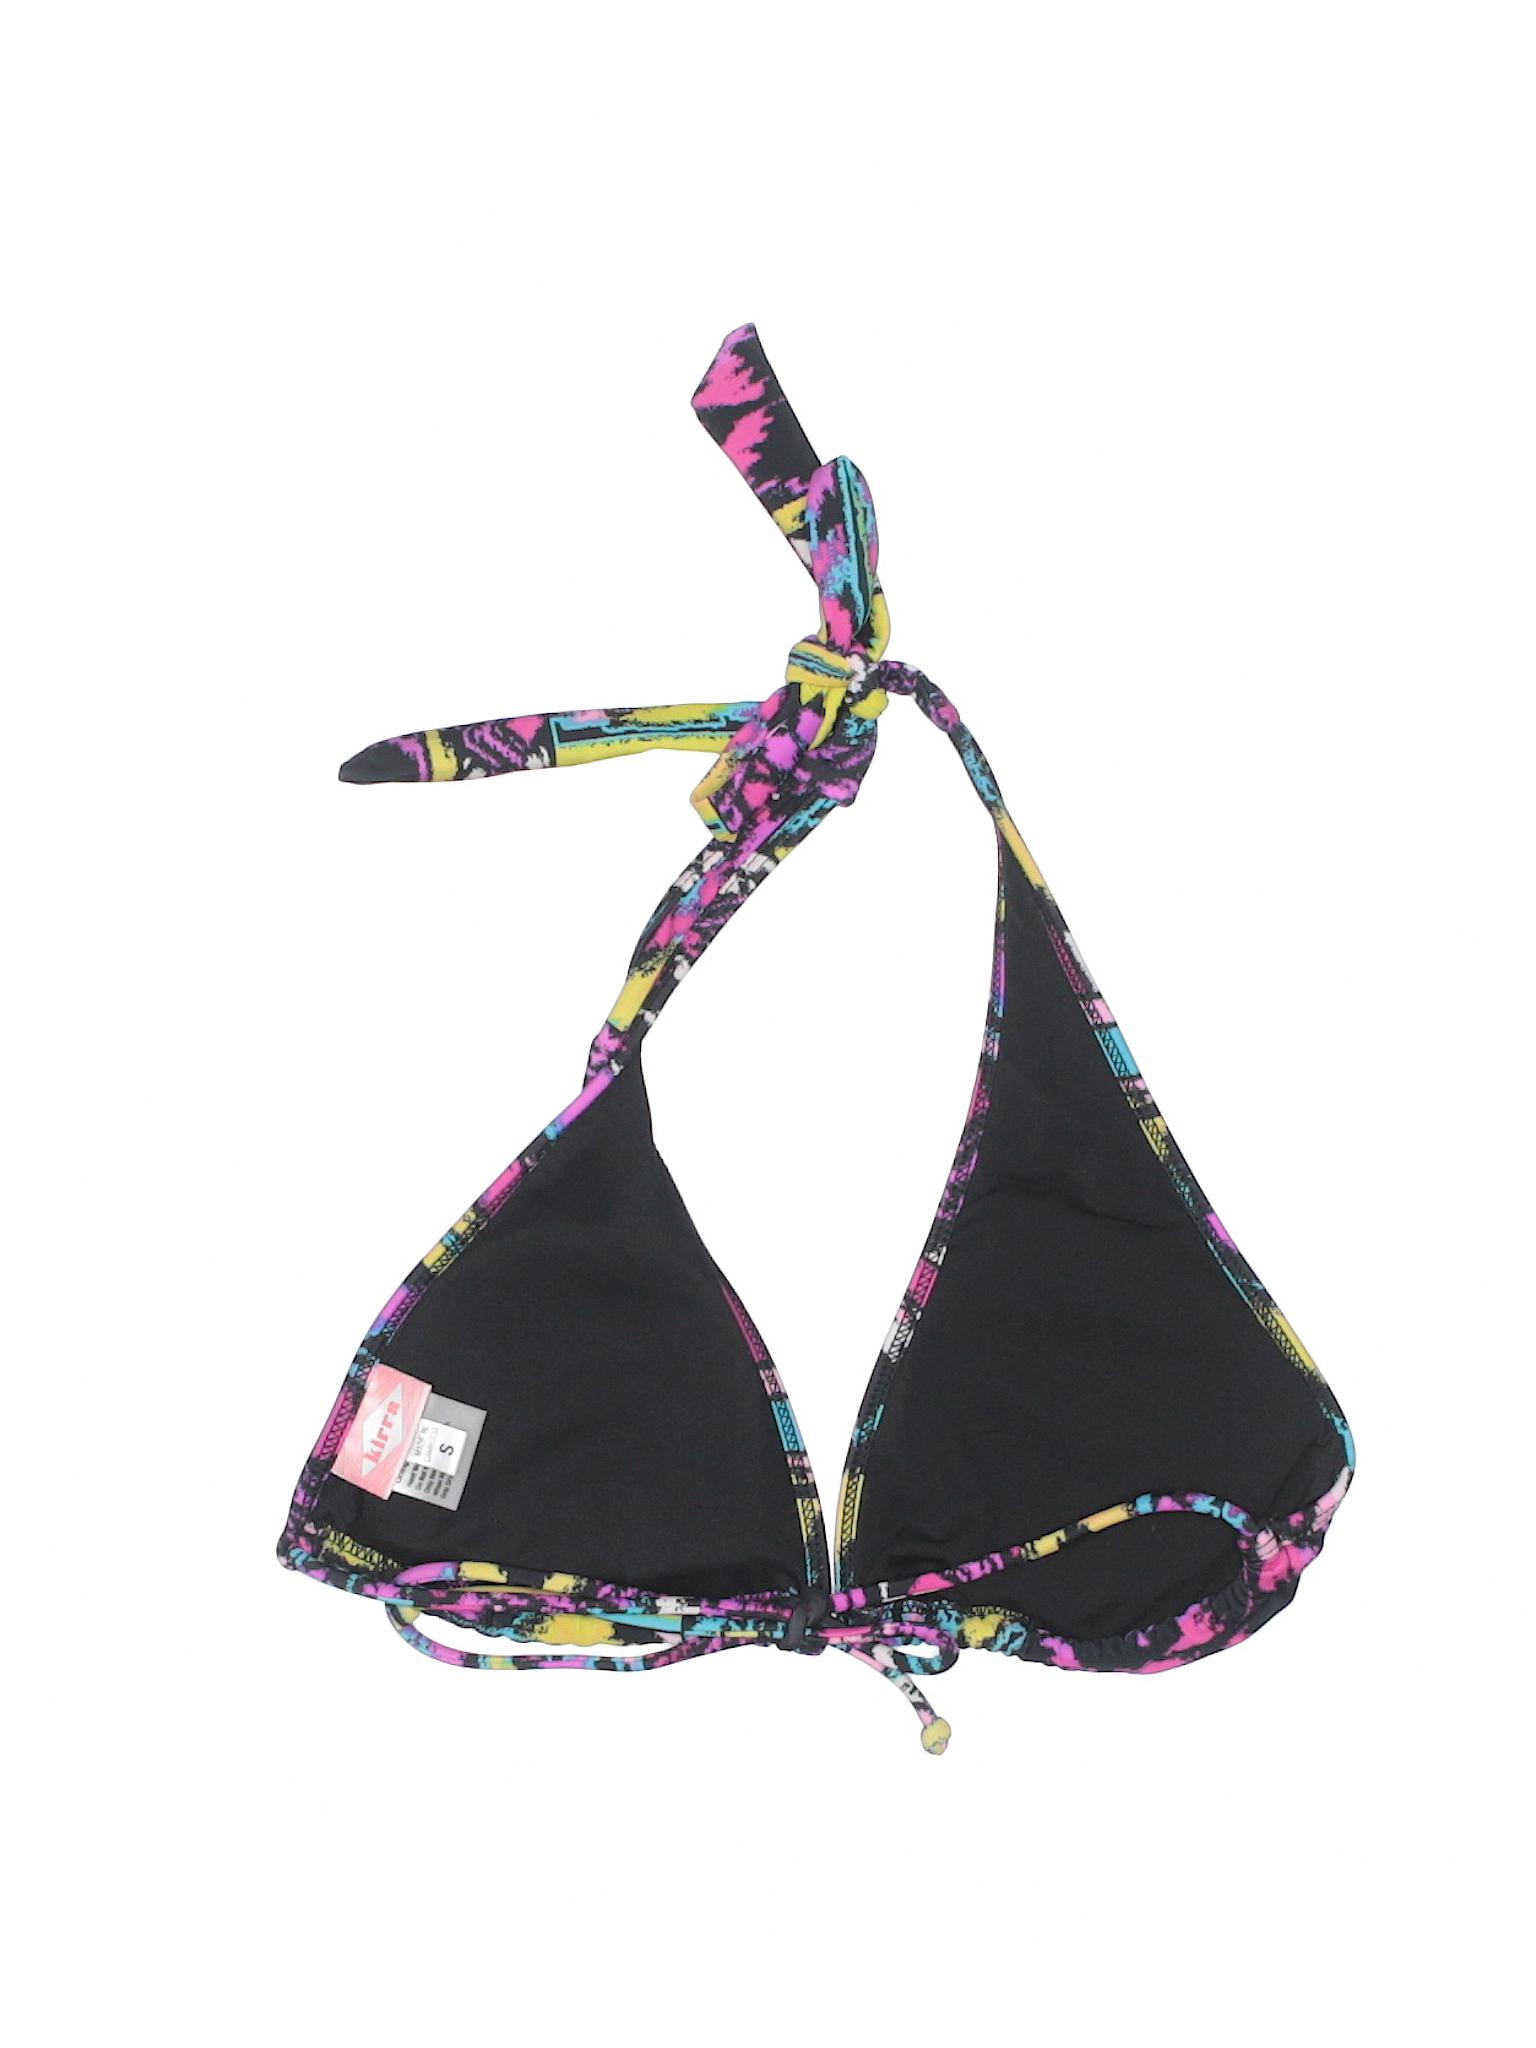 Swimsuit Boutique Boutique Swimsuit Kirra Top Swimsuit Kirra Boutique Top Kirra qUXwxTRTvI